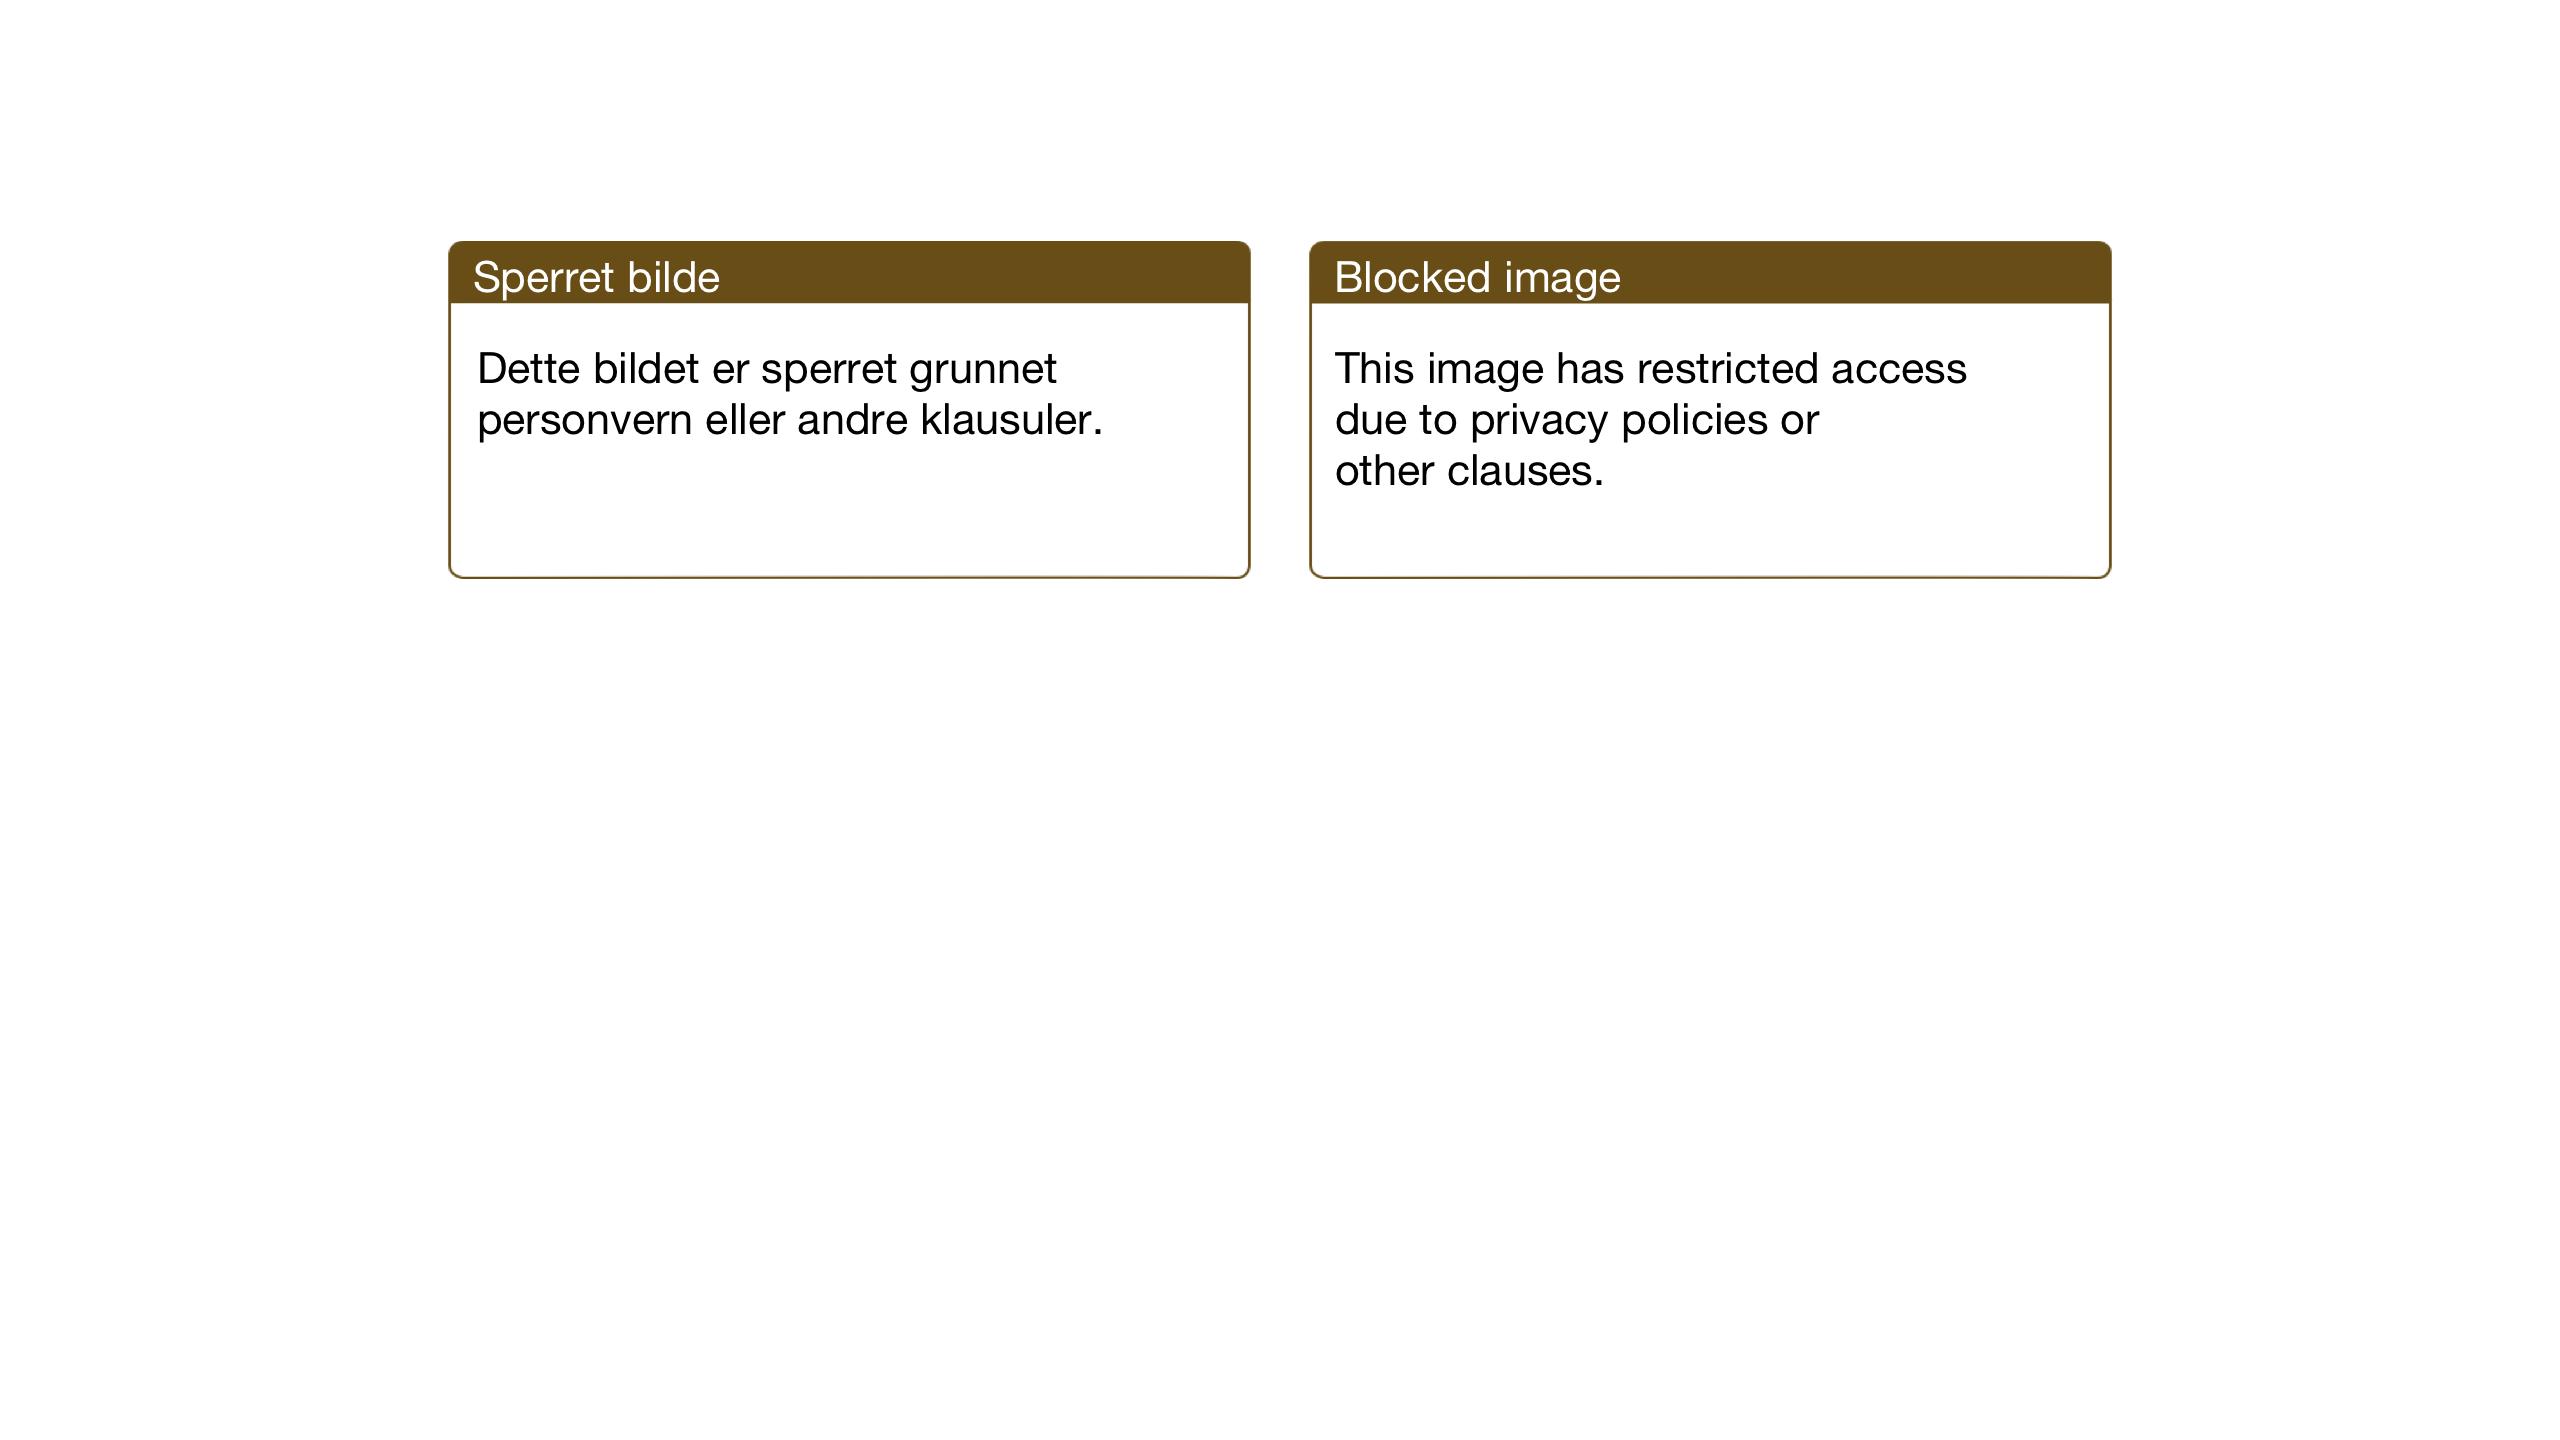 SAT, Ministerialprotokoller, klokkerbøker og fødselsregistre - Nord-Trøndelag, 722/L0227: Klokkerbok nr. 722C03, 1928-1958, s. 71